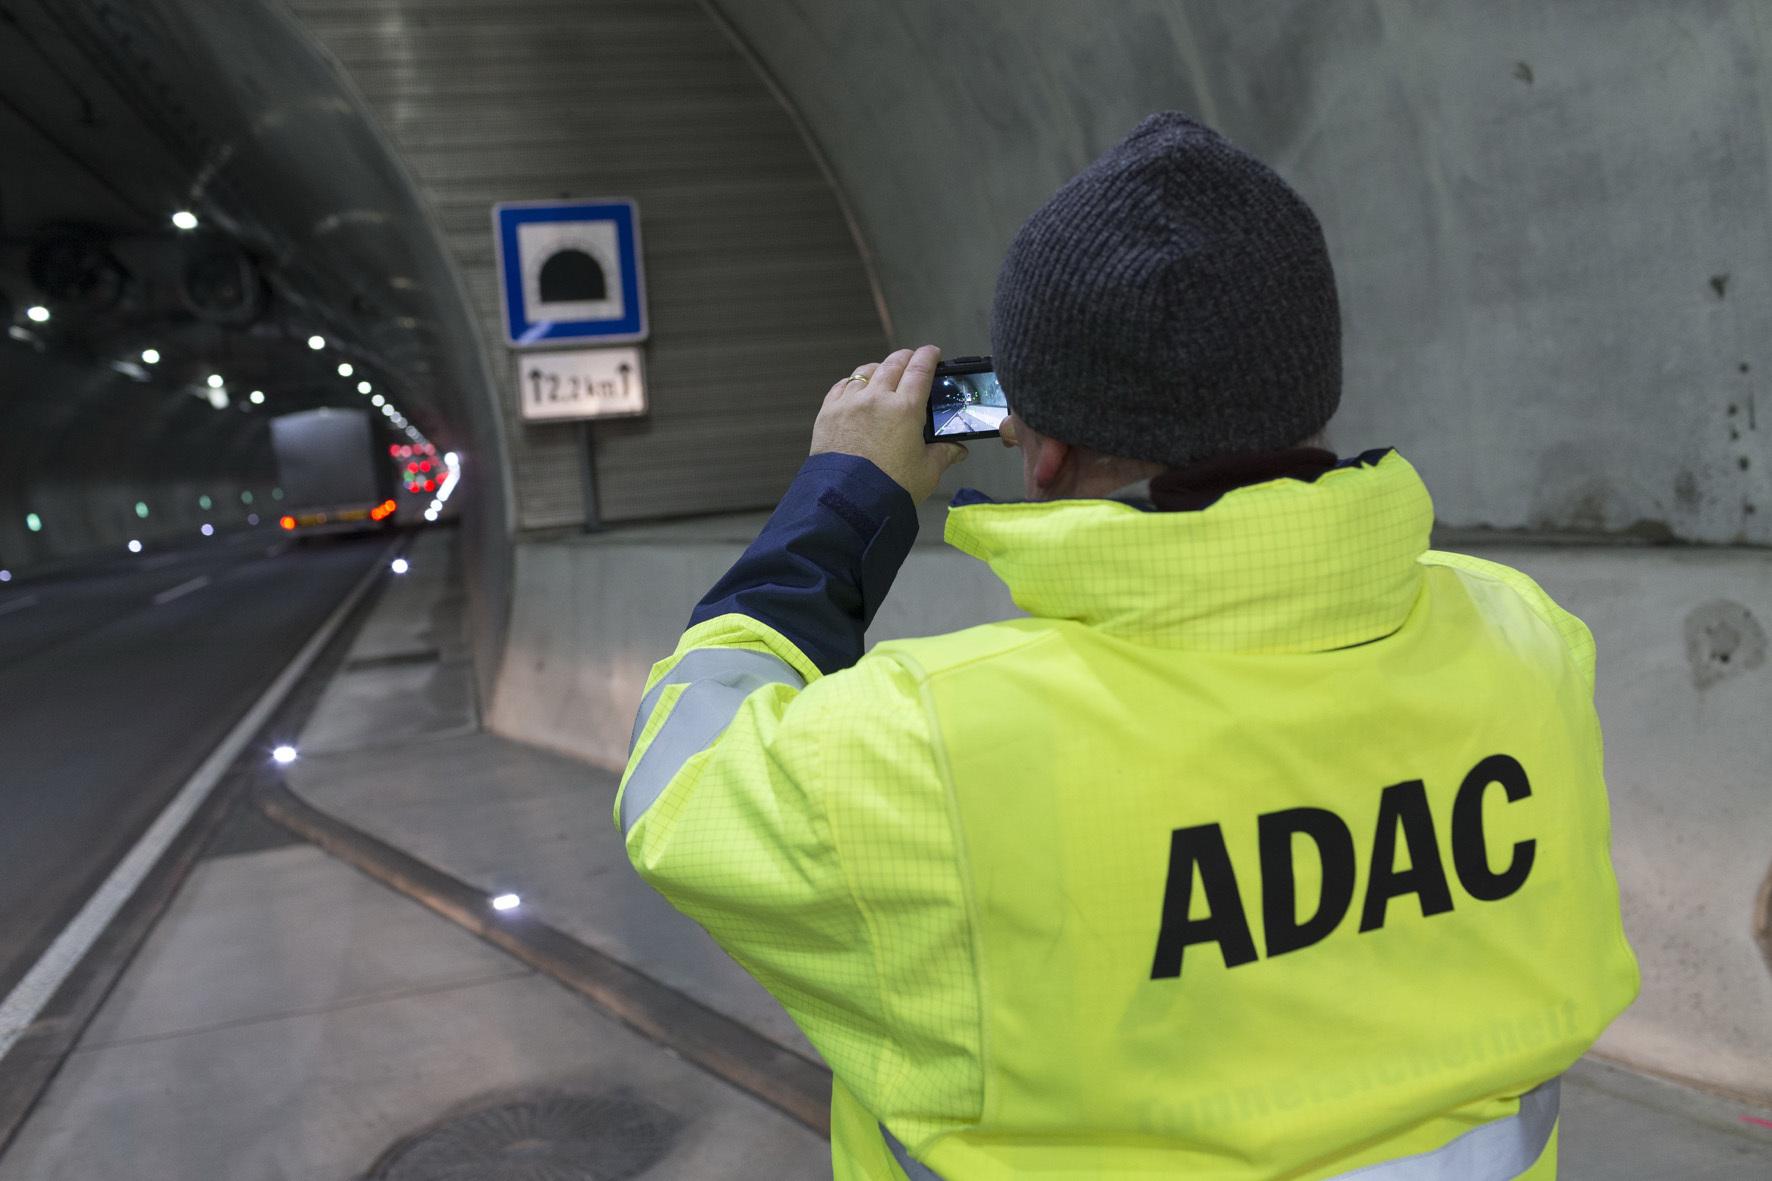 mid München - Der ADAC hat 20 Tunnel in Deutschland und vier weiteren europäischen Ländern unter die Lupe genommen. Durchgefallen ist bei dem Test erfreulicherweise keine der Röhren.